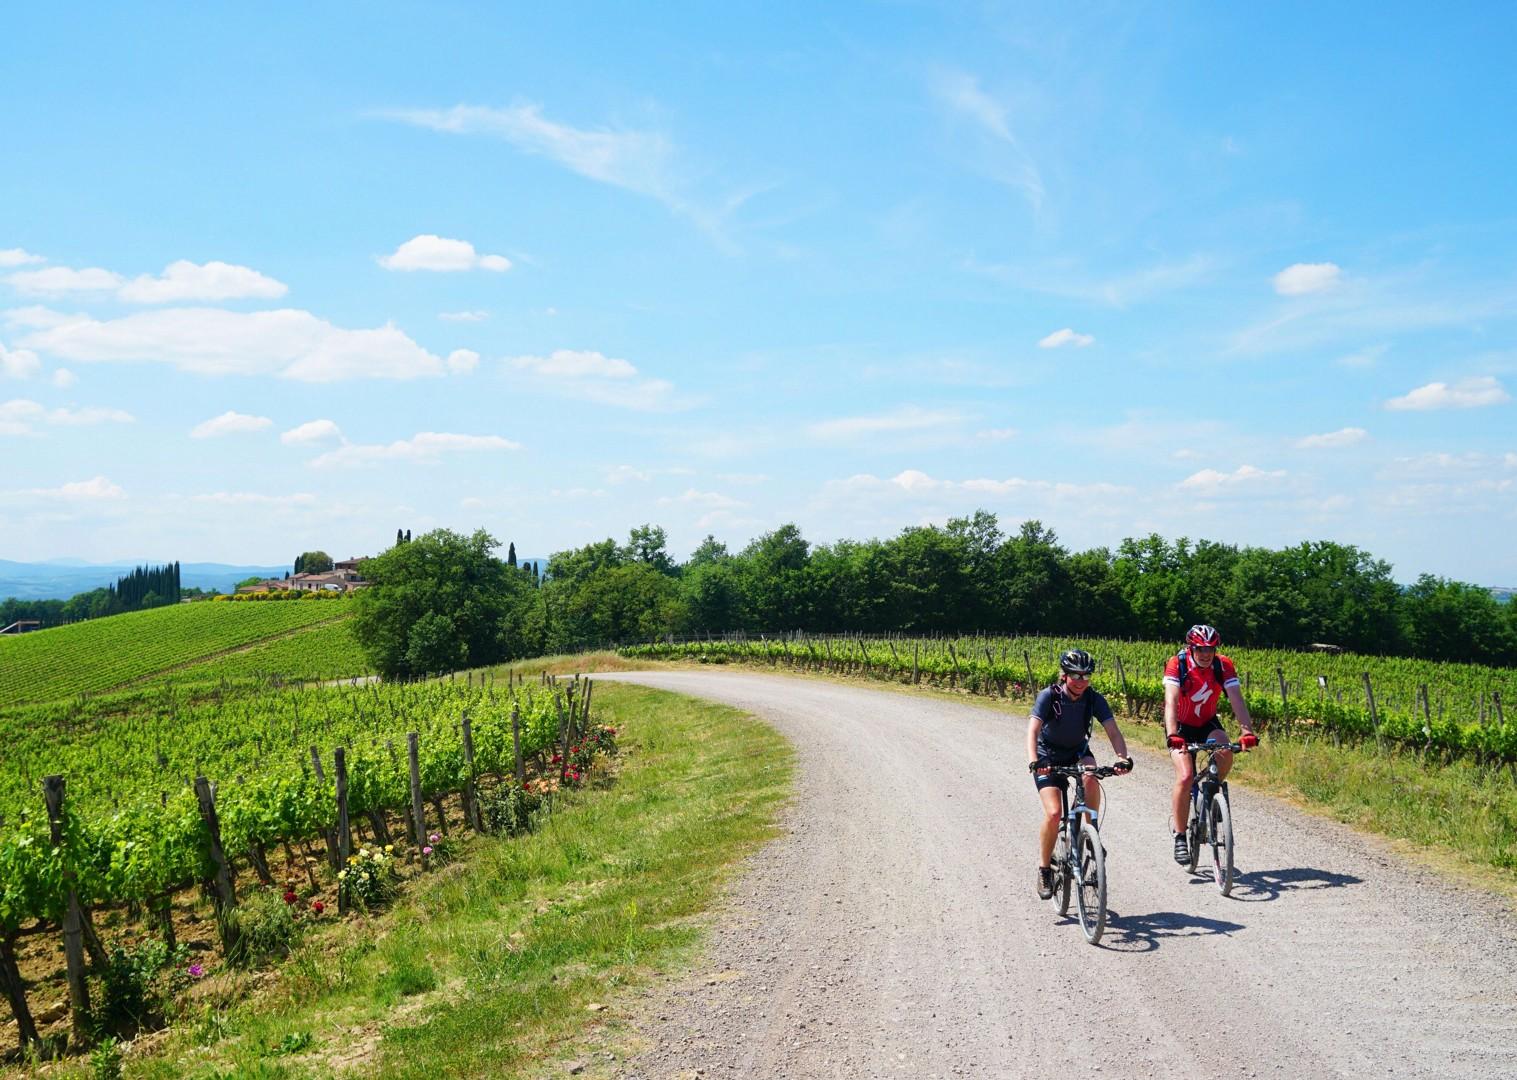 via-francigena-tuscany-to-rome-italian-mountain-bike-holiday.jpg - Italy - Via Francigena (Tuscany to Rome) - Self-Guided Mountain Bike Holiday - Mountain Biking